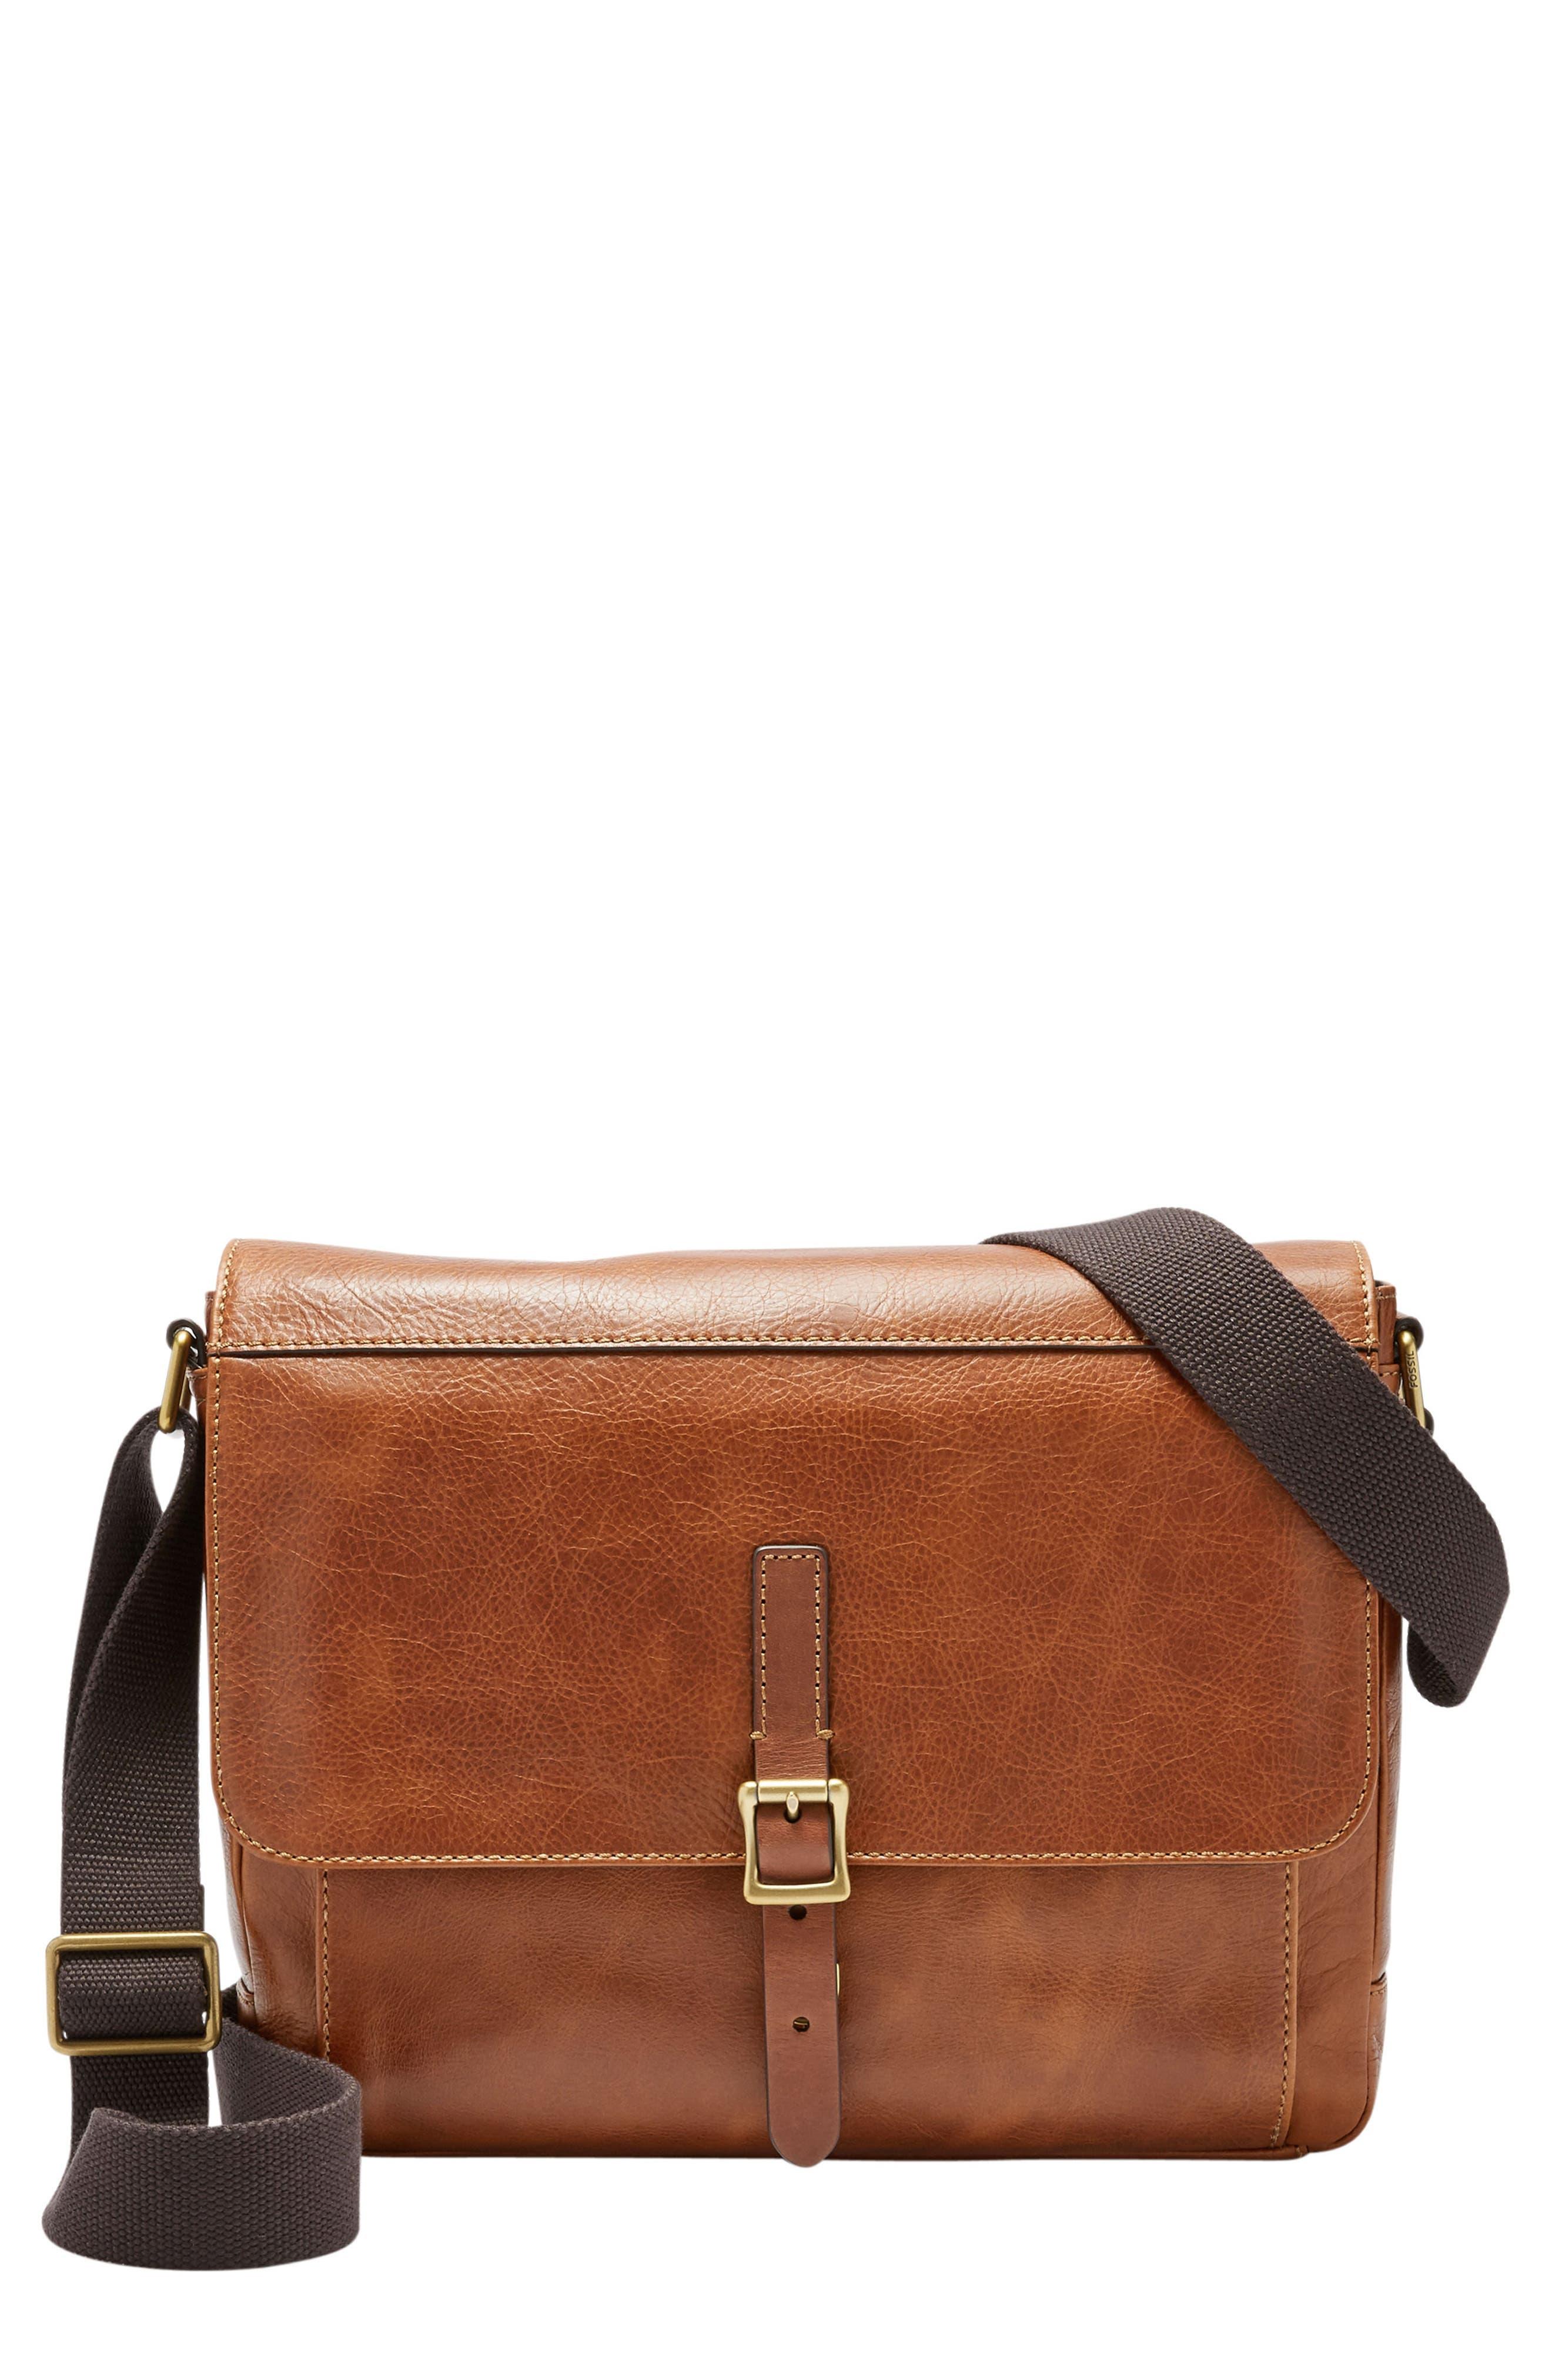 FOSSIL Defender Leather Messenger Bag